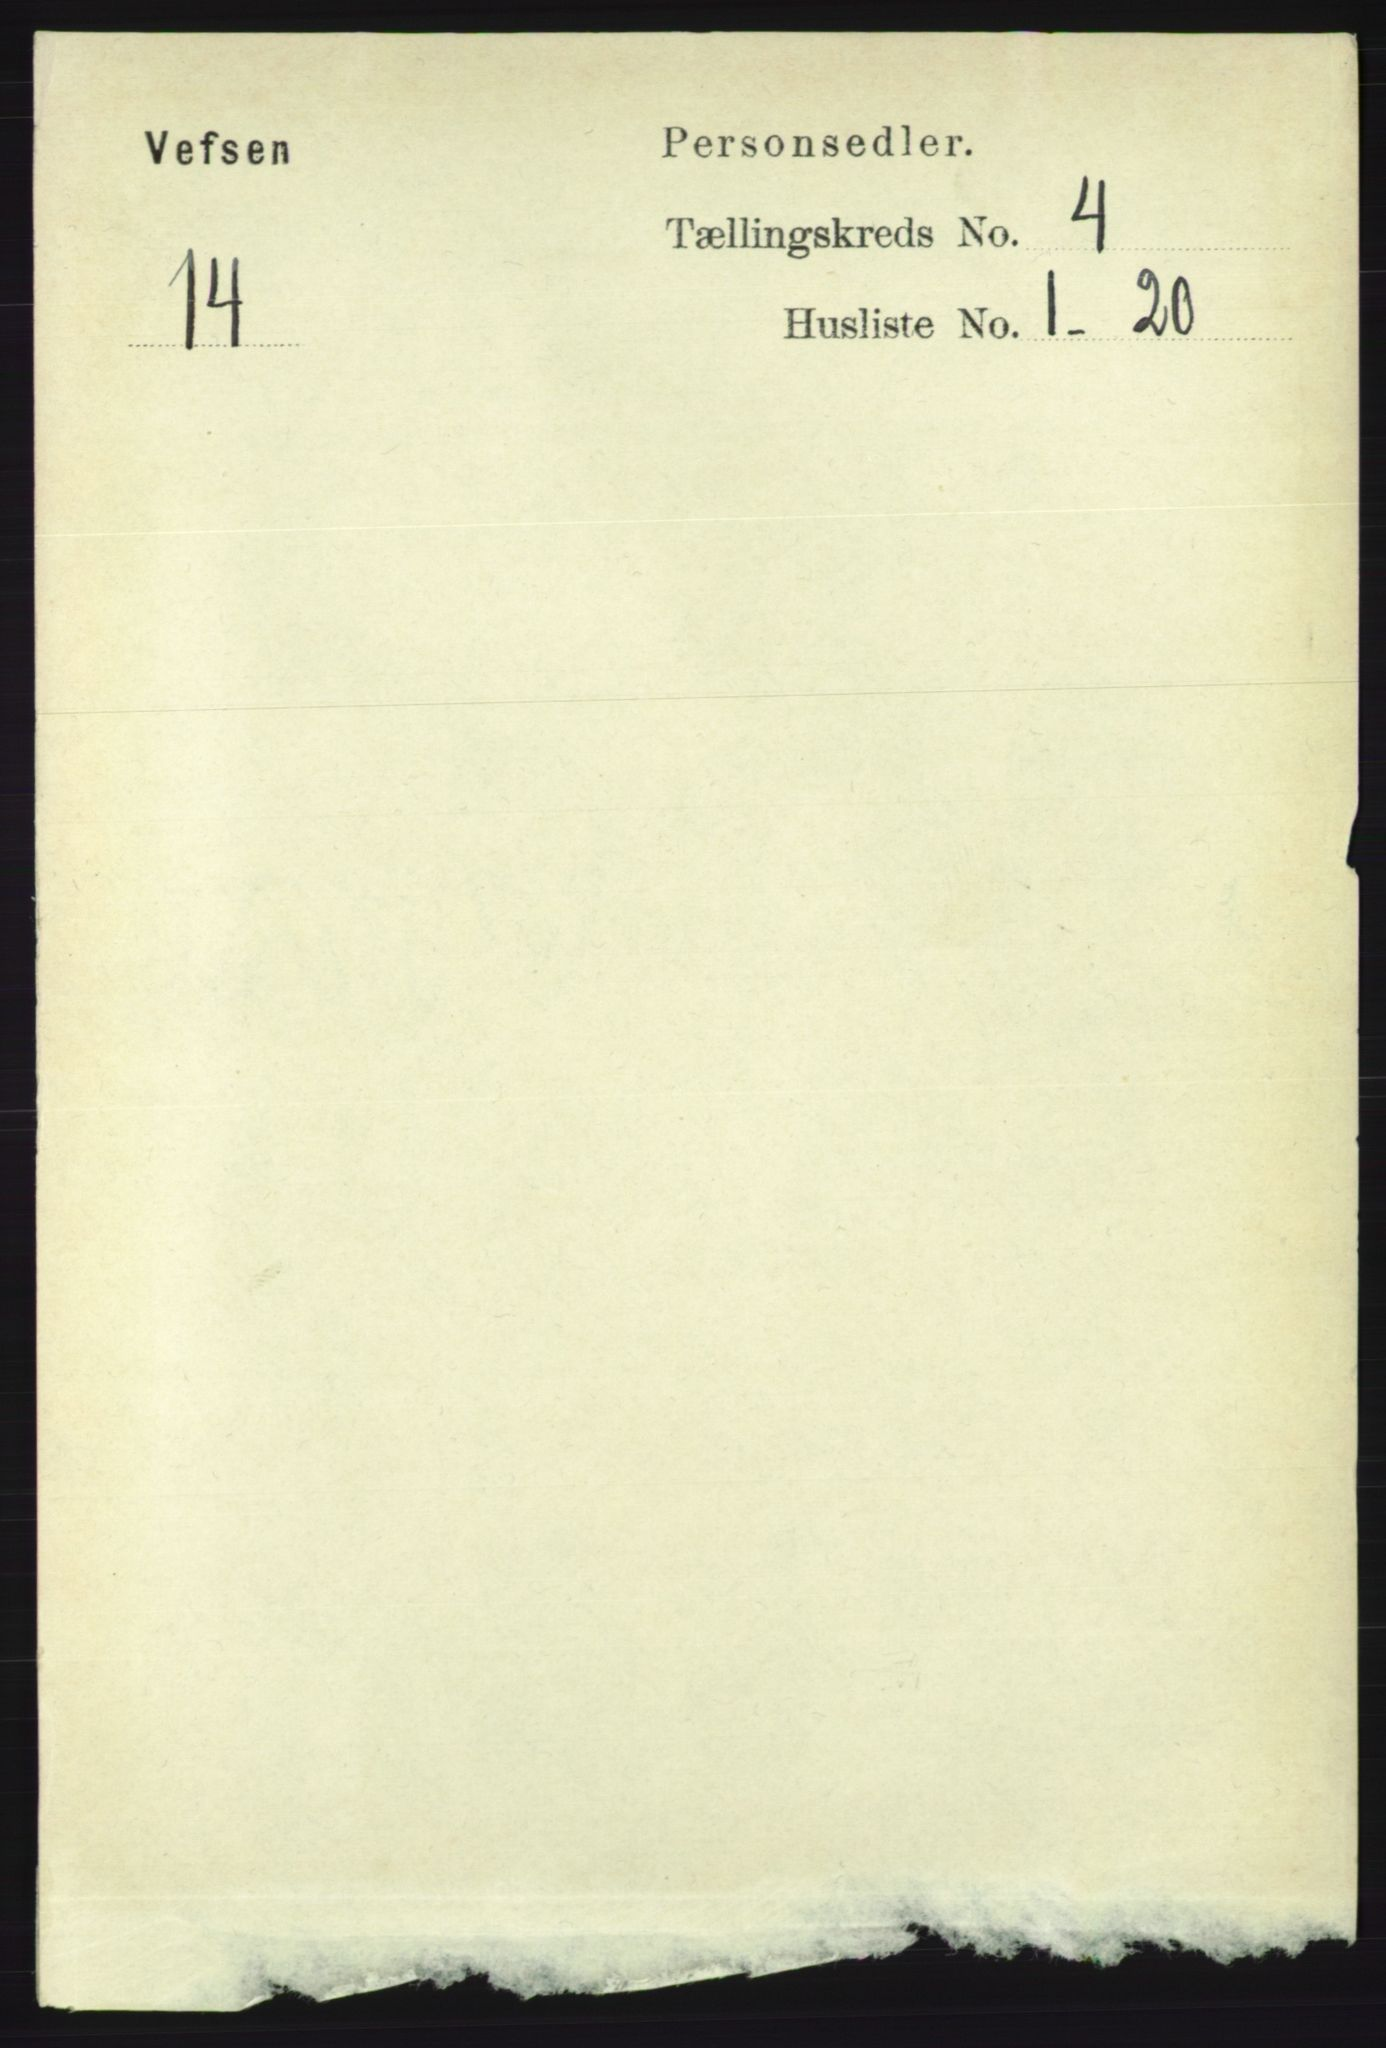 RA, Folketelling 1891 for 1824 Vefsn herred, 1891, s. 1620